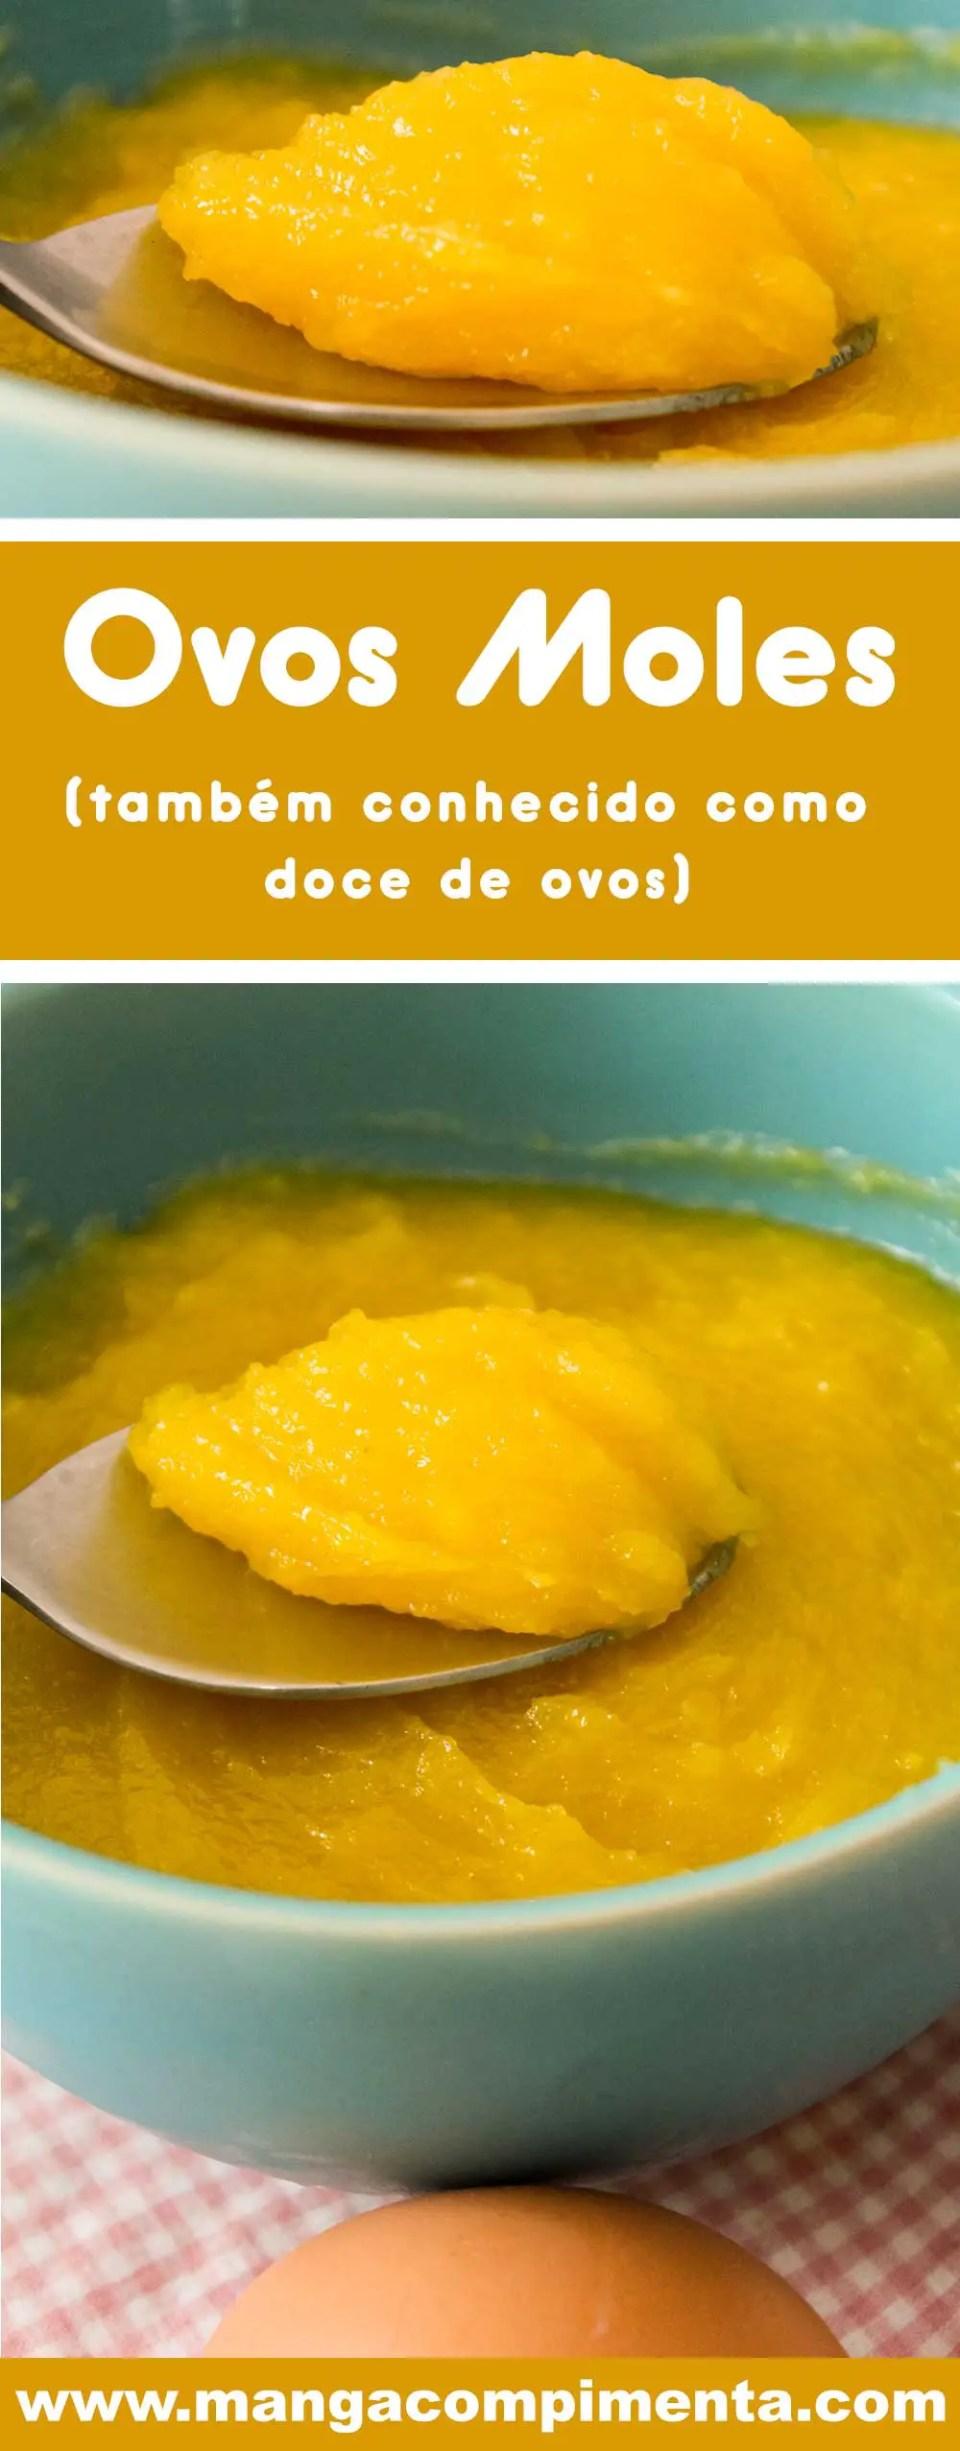 Receita de Doce de Ovos | Ovos Moles - um doce português delicioso para a sobremesa depois do almoço.